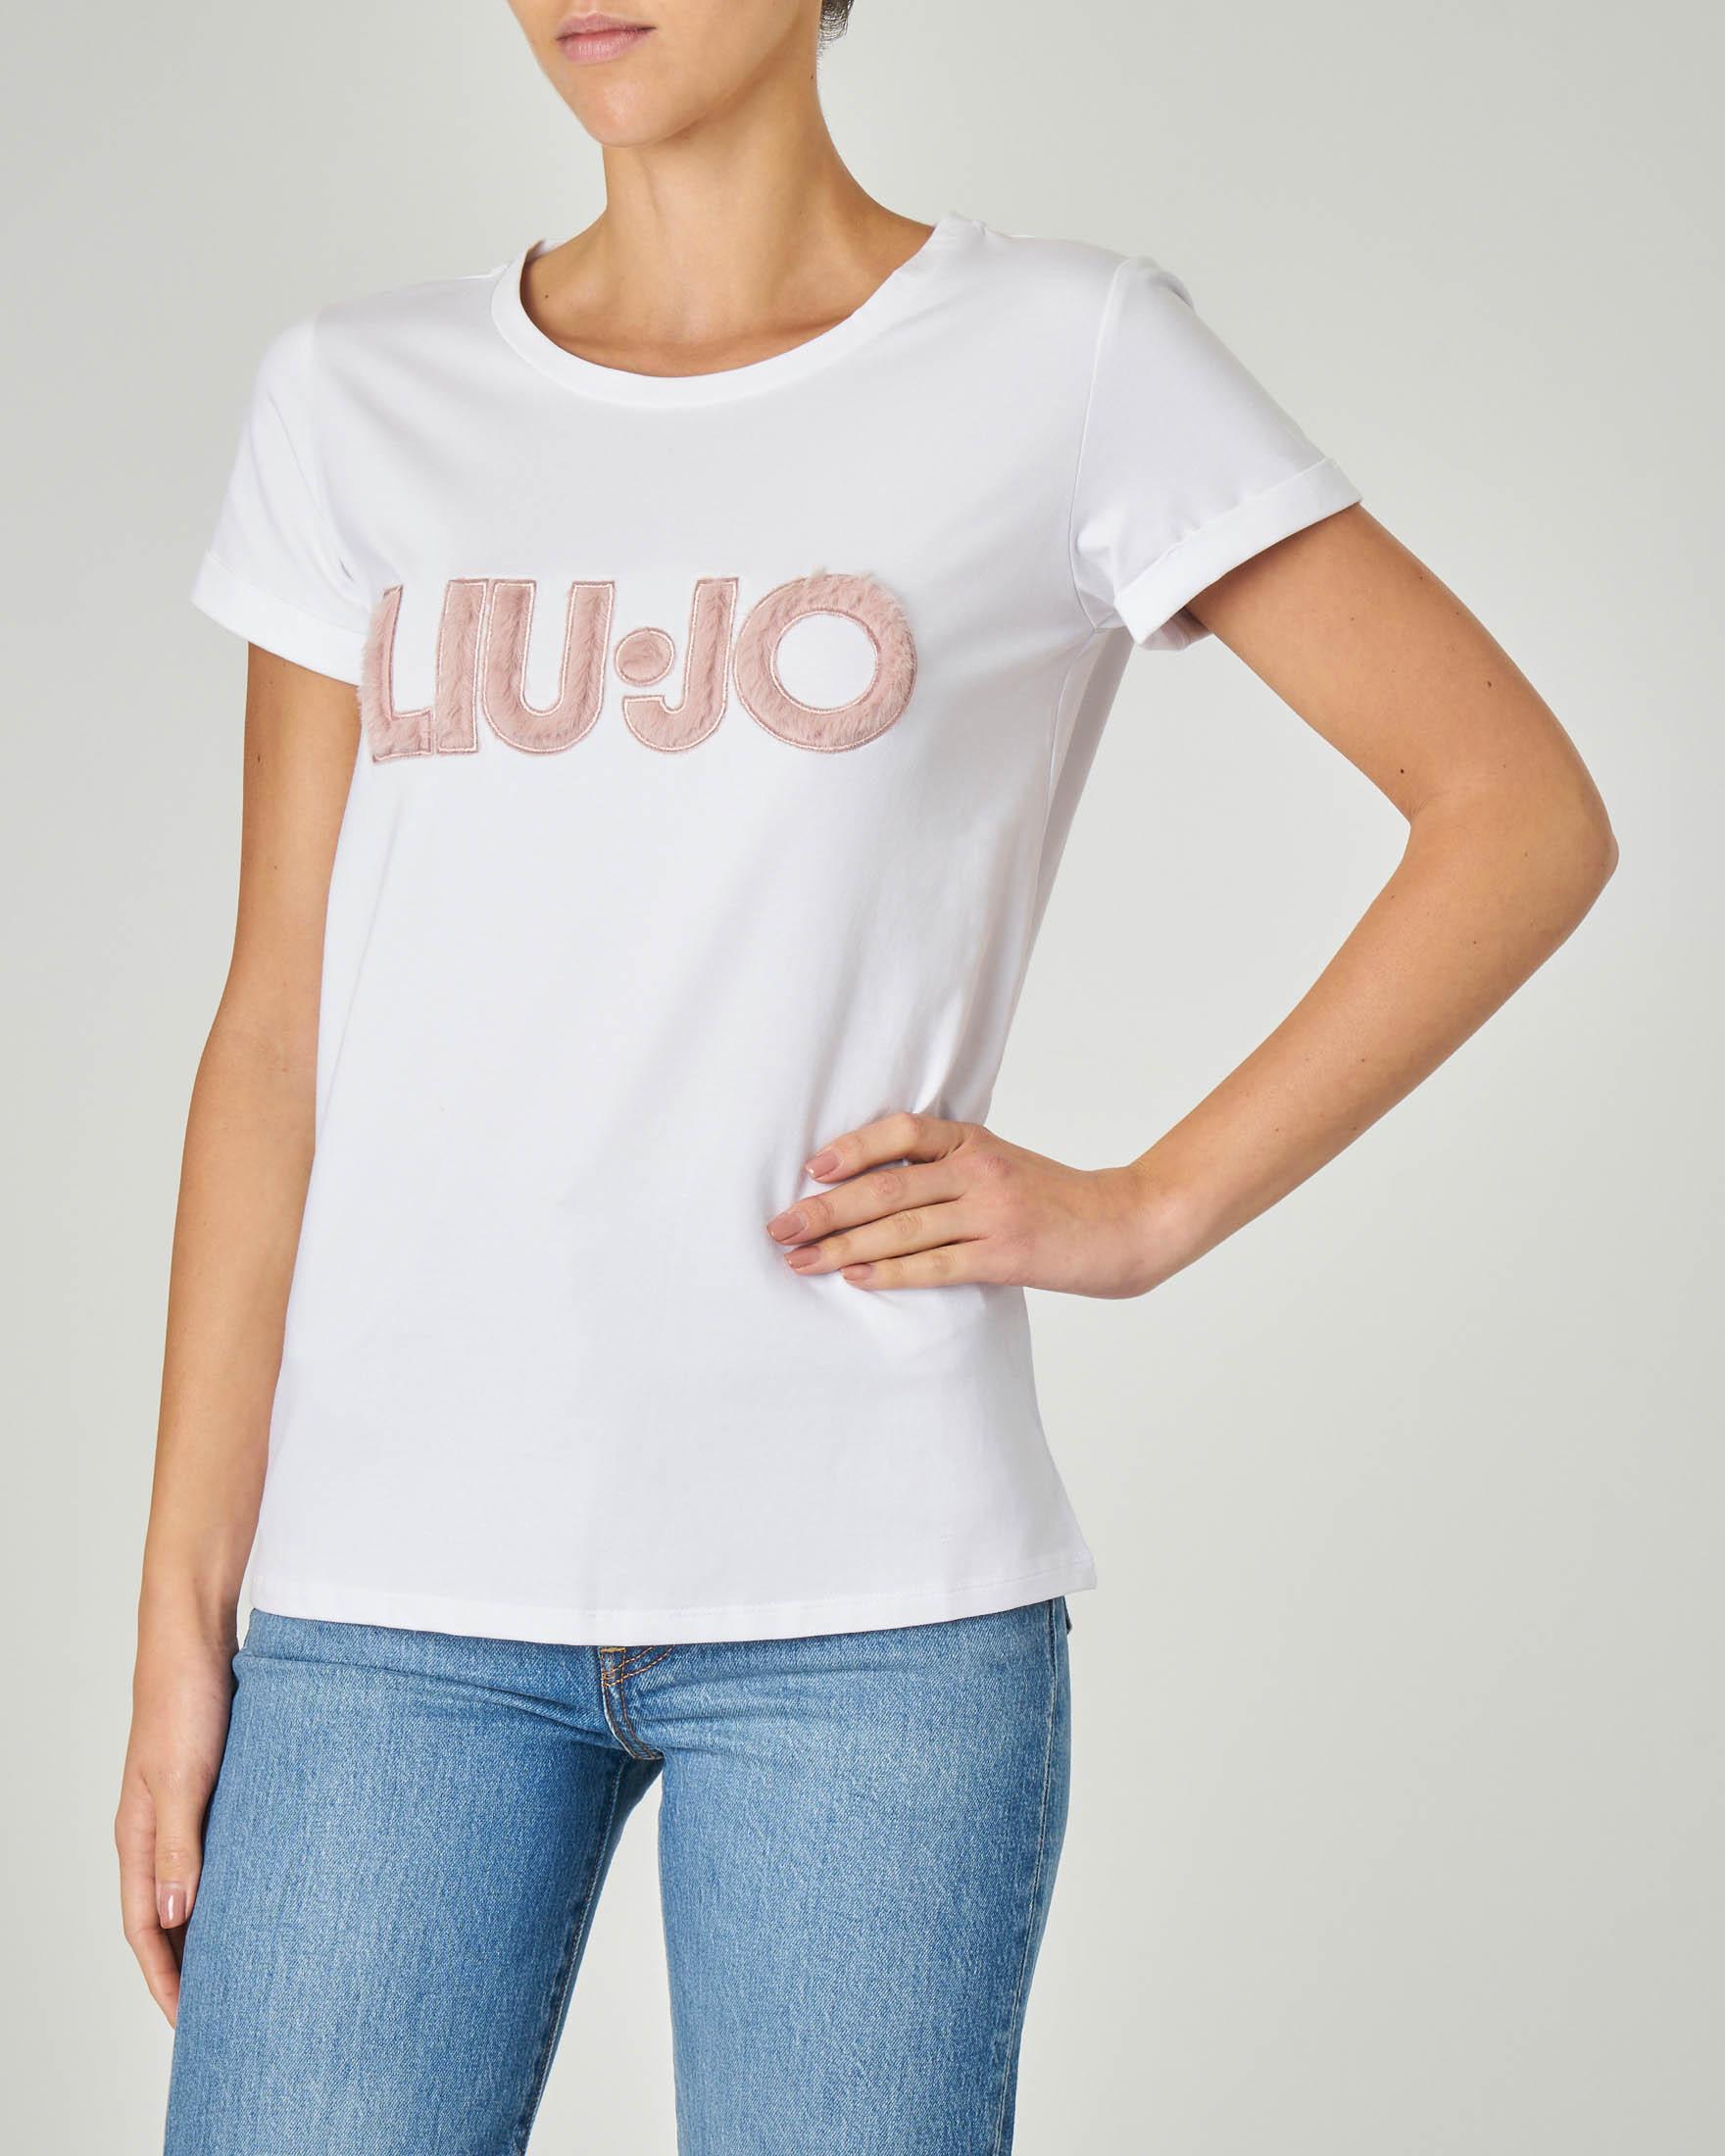 T-shirt bianca in cotone elasticizzata con scritta logo rosa in tessuto effetto peluche